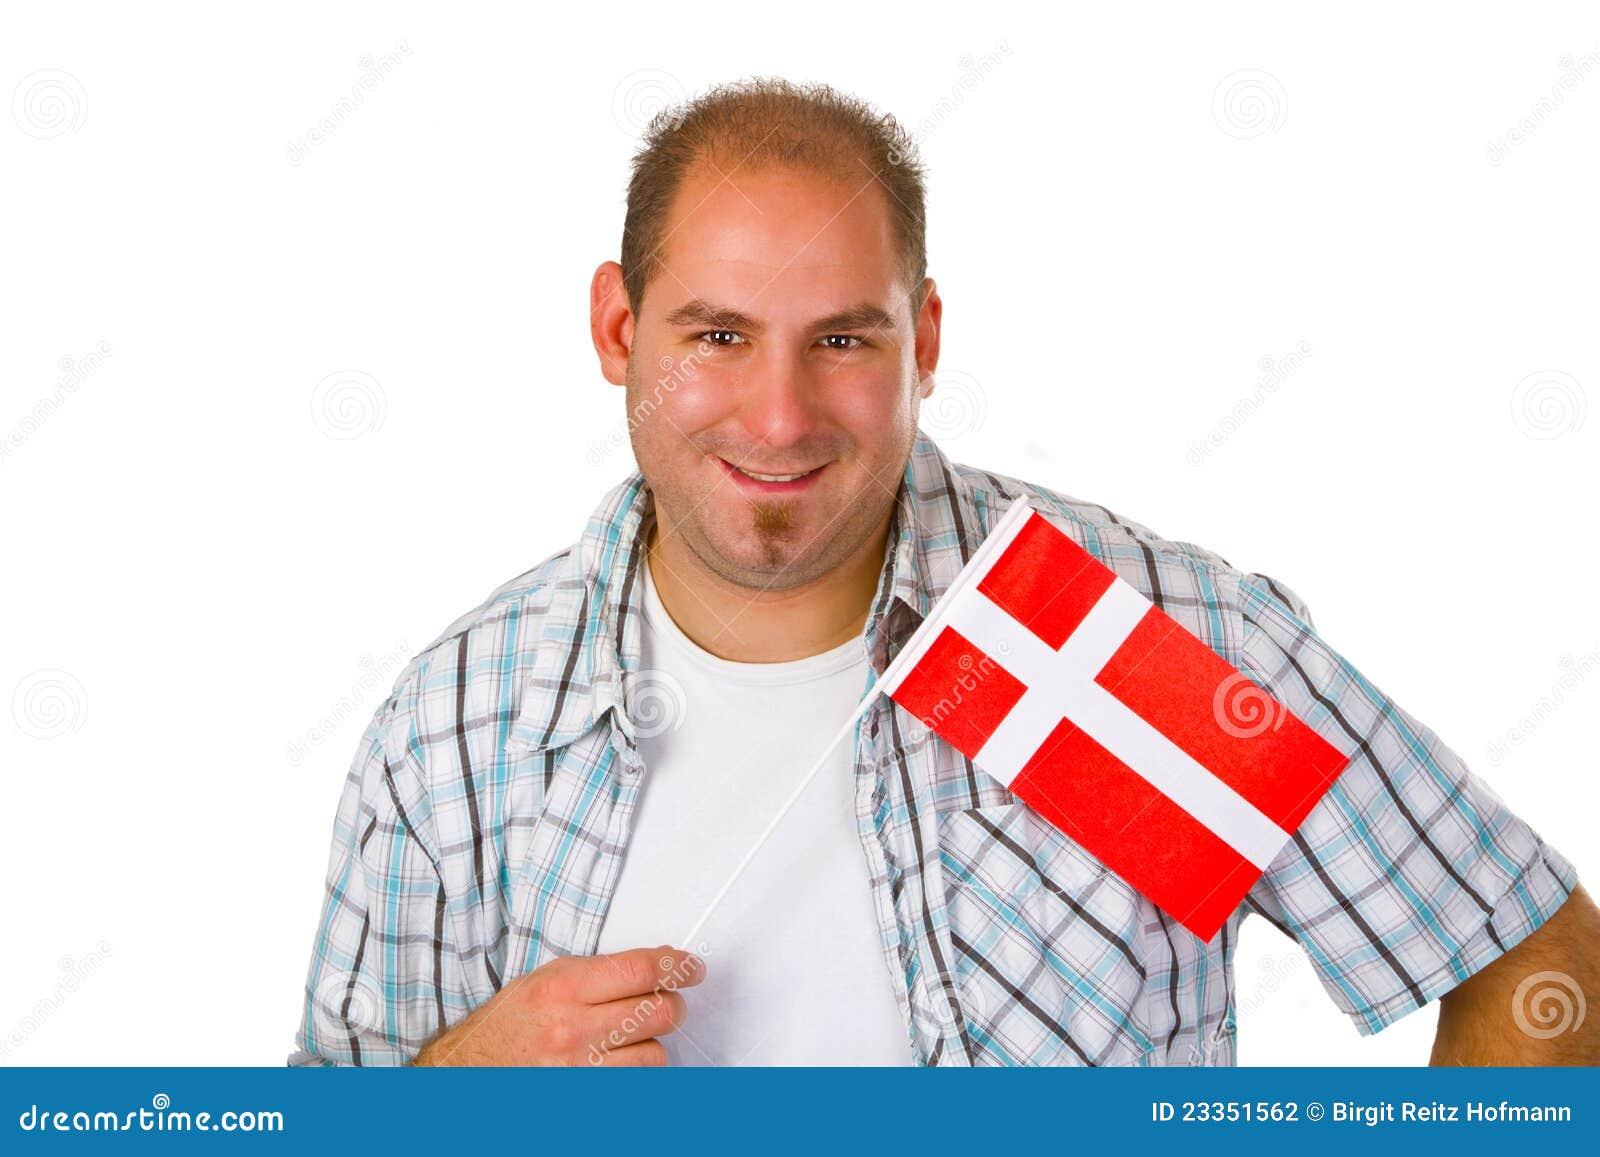 Denmark men